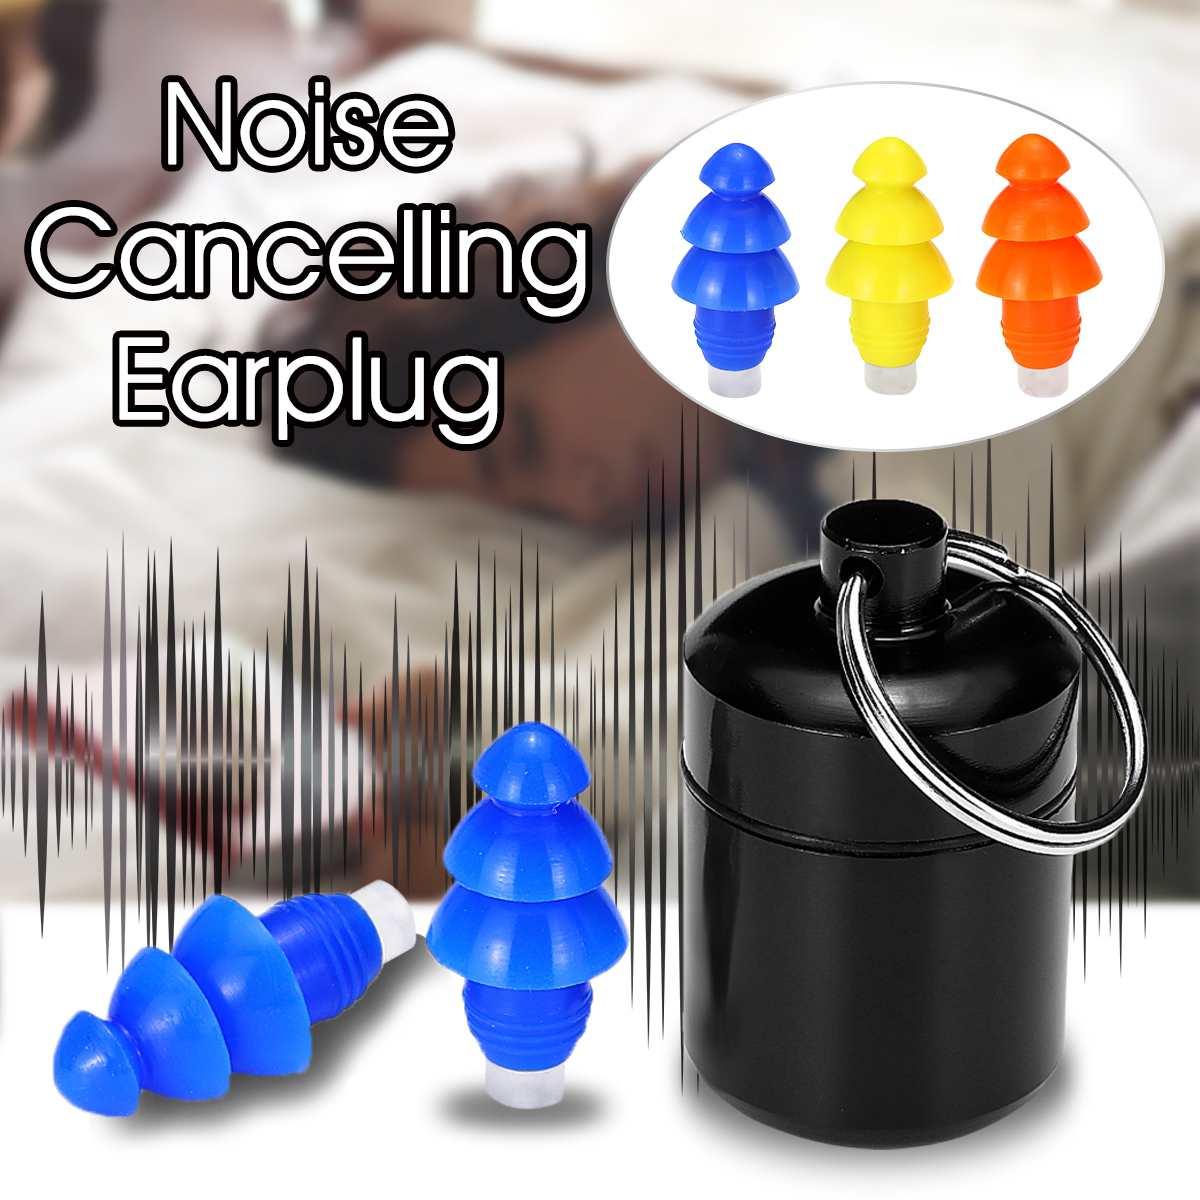 1 Paar 27db Weiche Silikon Noise Cancelling Ohrstöpsel Schwimmen Tauchen Anti-lärm Ohr Stecker Für Schlafen Gehörschutz Mit Box